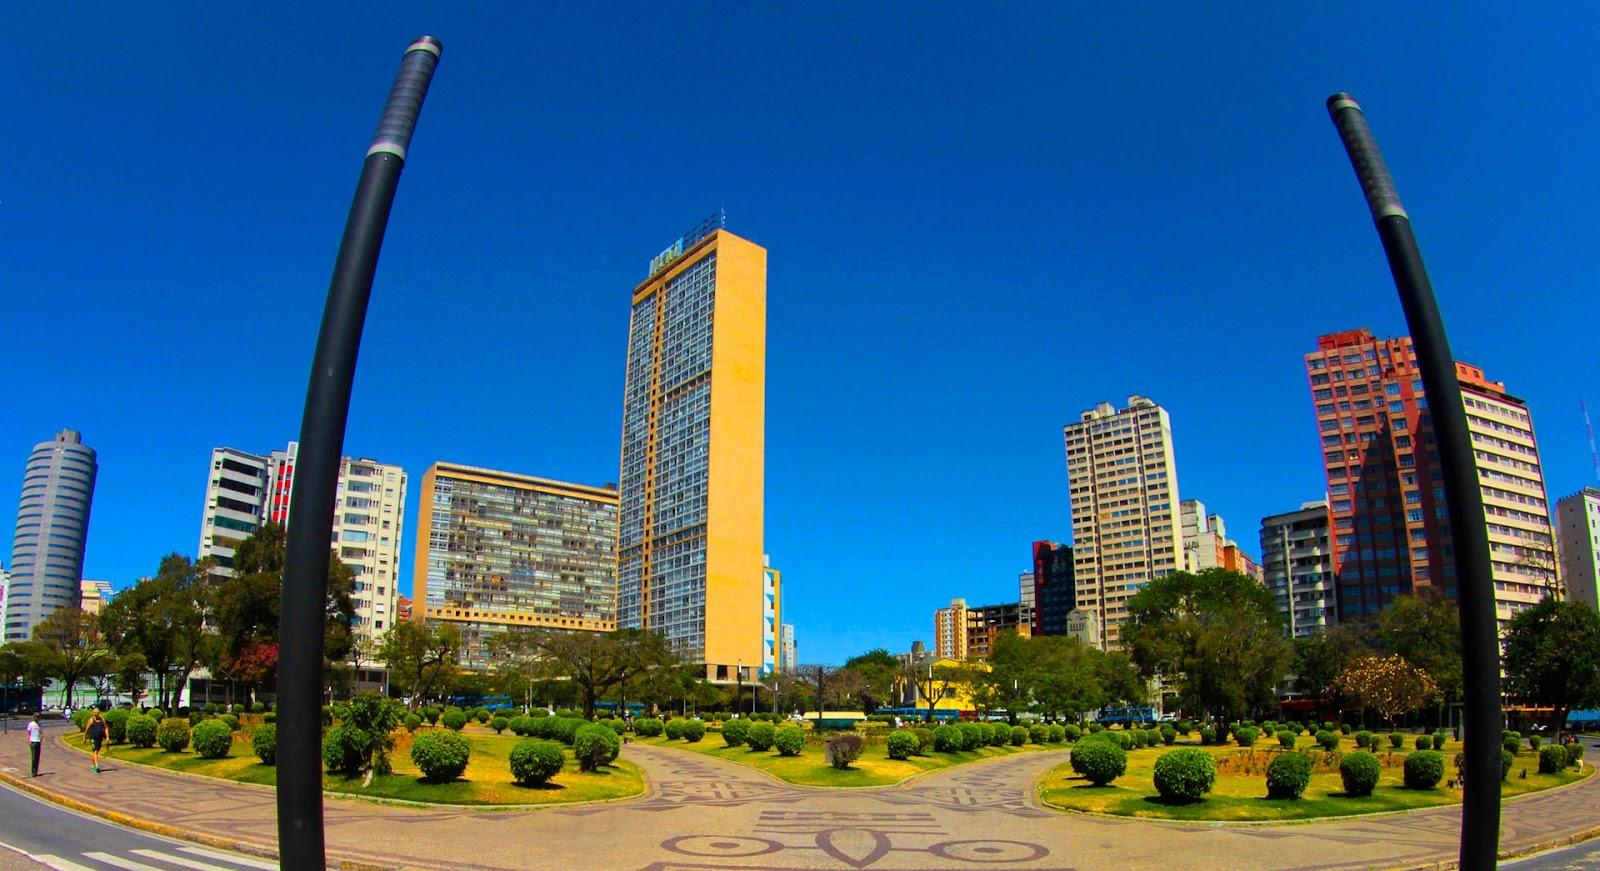 Praça em Belo Horizonte.